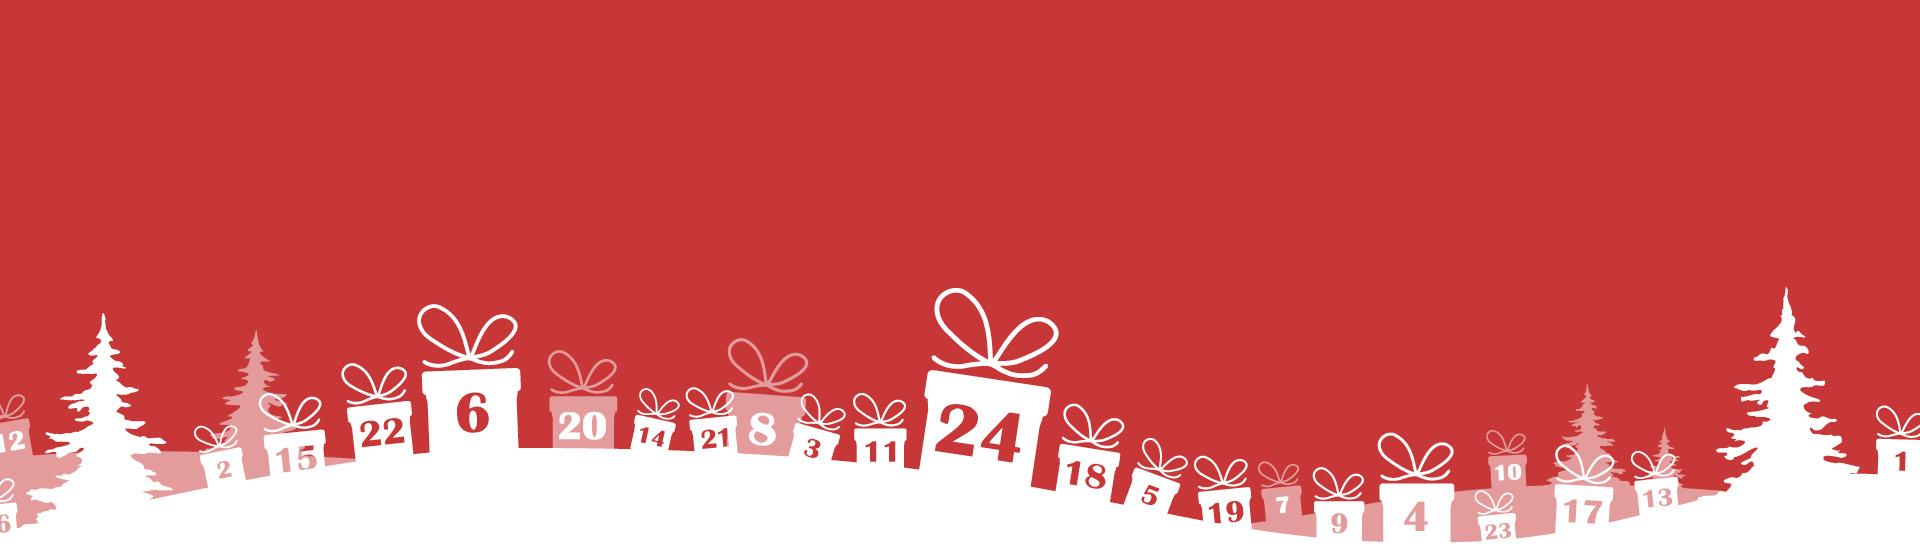 Unser Geschenk: Einer von zwei Zotter Adventkalendern Ihrer Wahl GRATIS ab einem Bestellwert von € 299,- 11/2020 - Slider